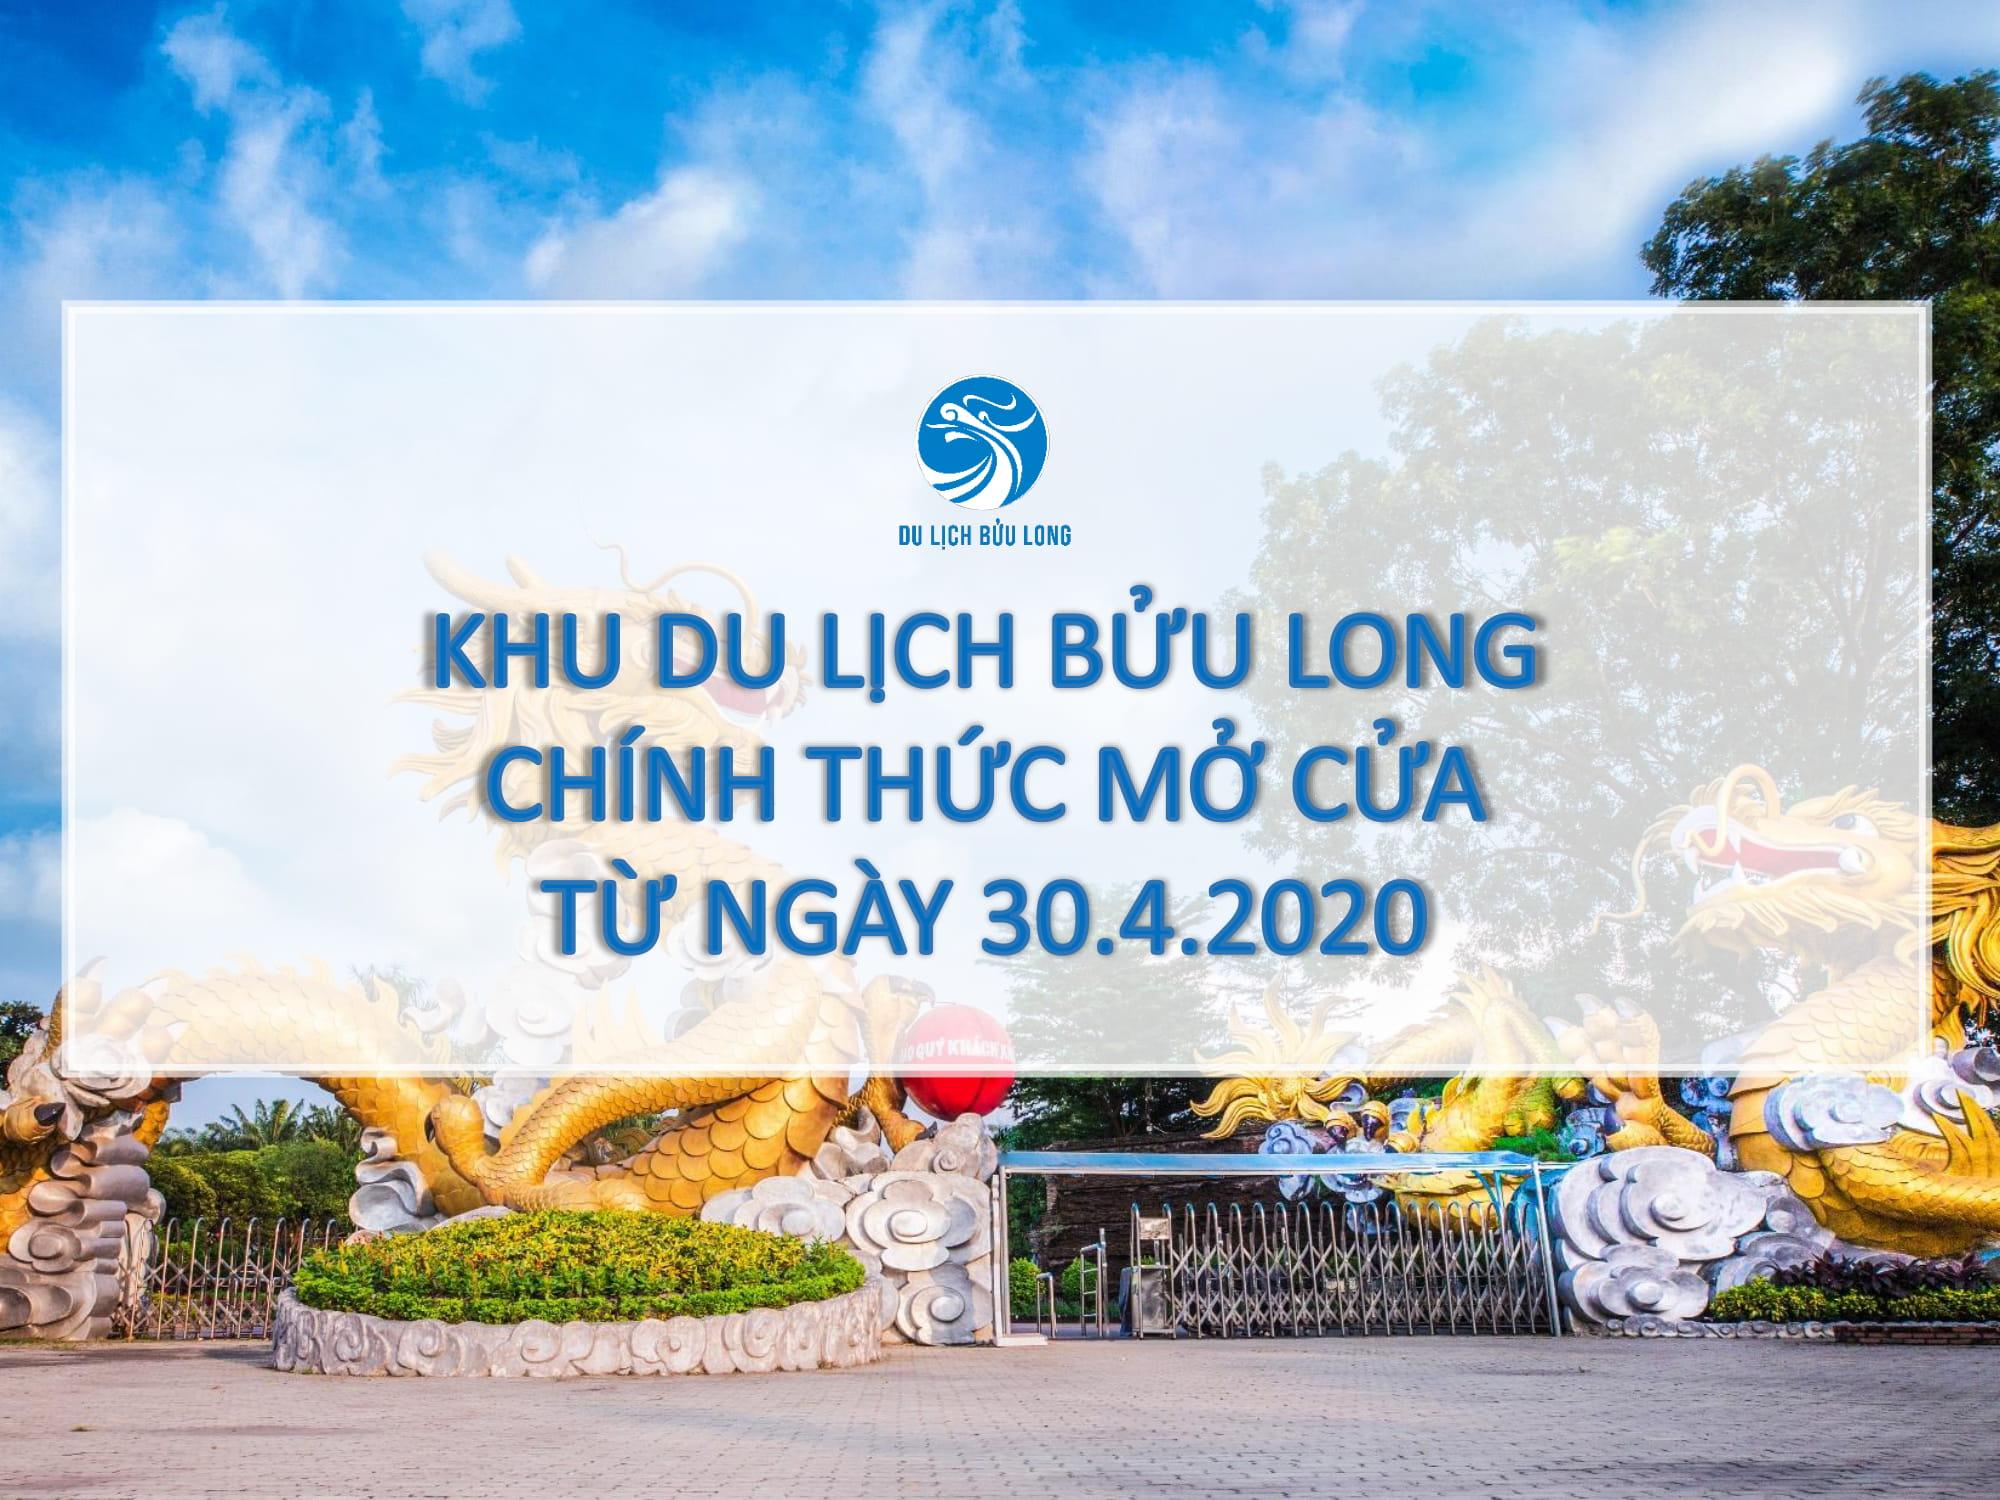 KDL BỬU LONG CHÍNH THỨC MỞ CỬA TỪ NGÀY 30.4.2020